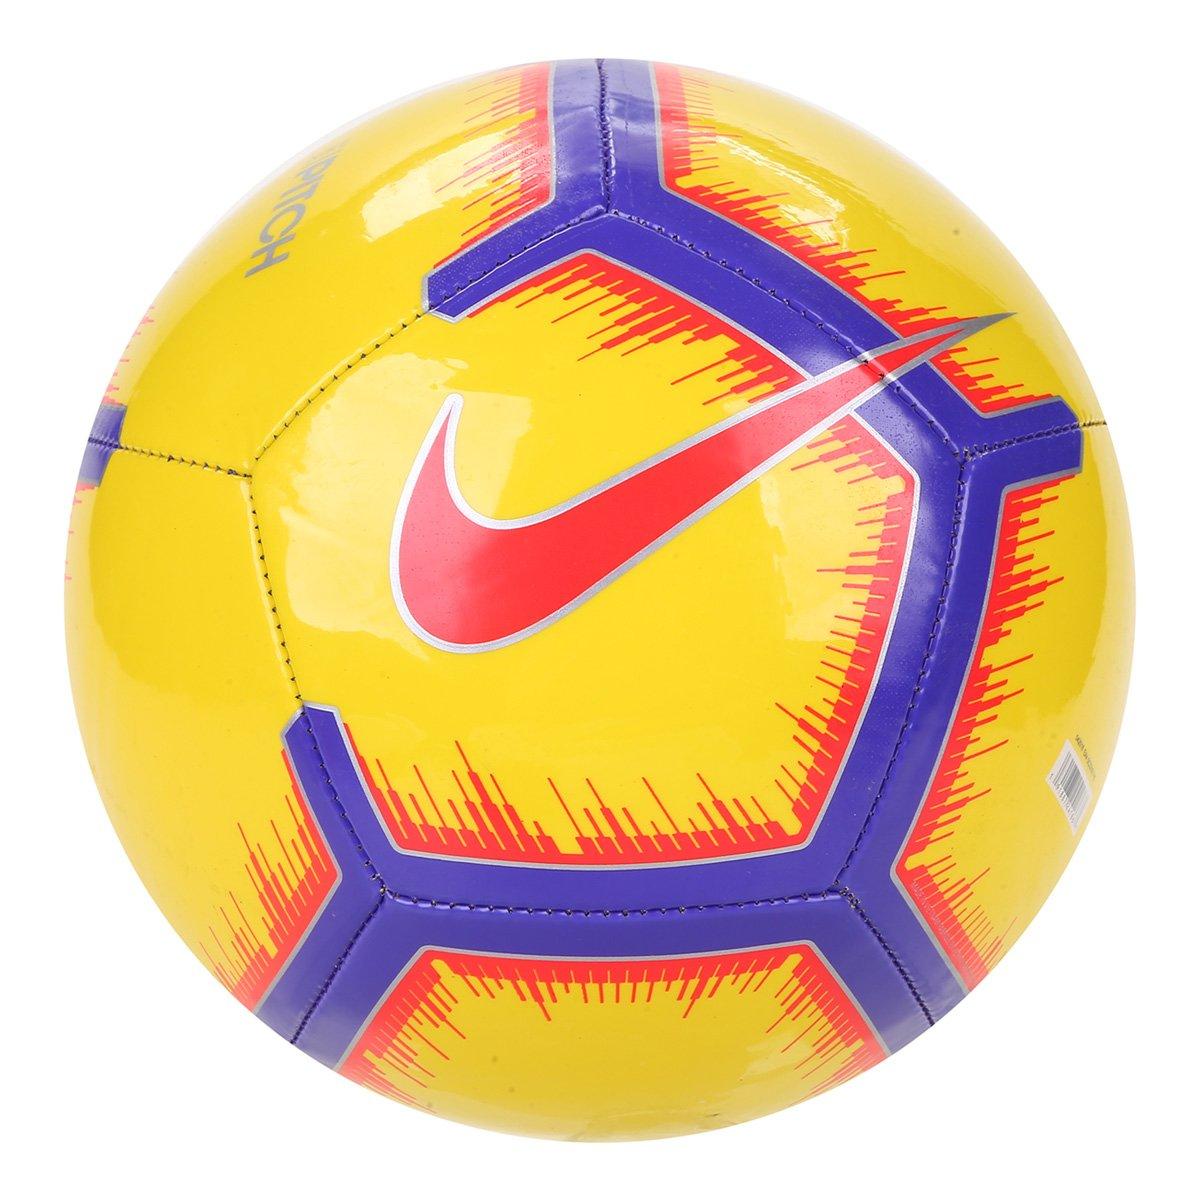 16e55a75d804b Bola de Futebol Campo Pitch Nike - Amarelo - Compre Agora